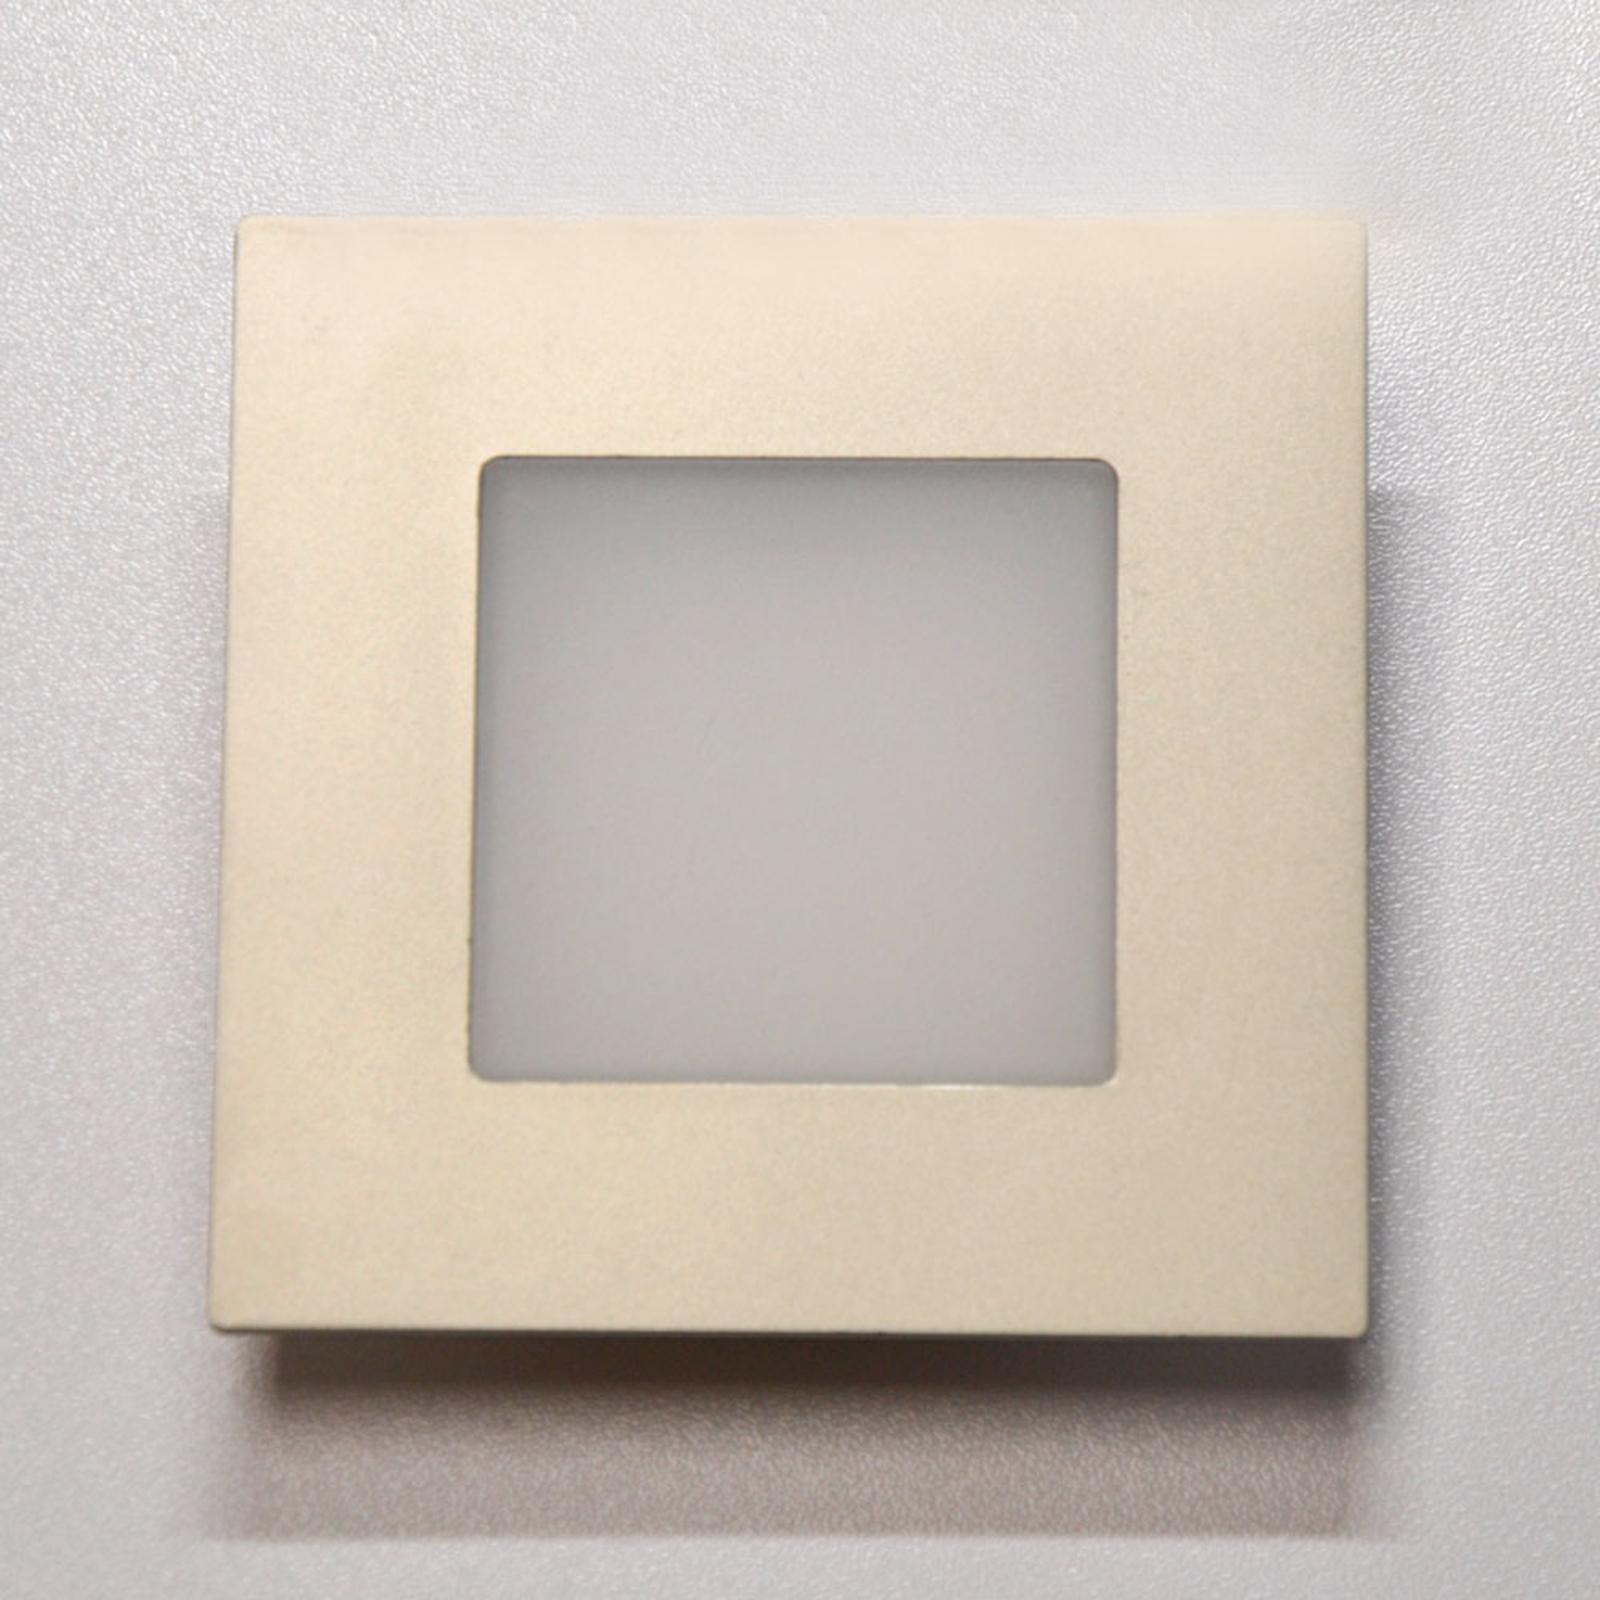 Dynamic FR 68 firkantet LED-indbygningslampe